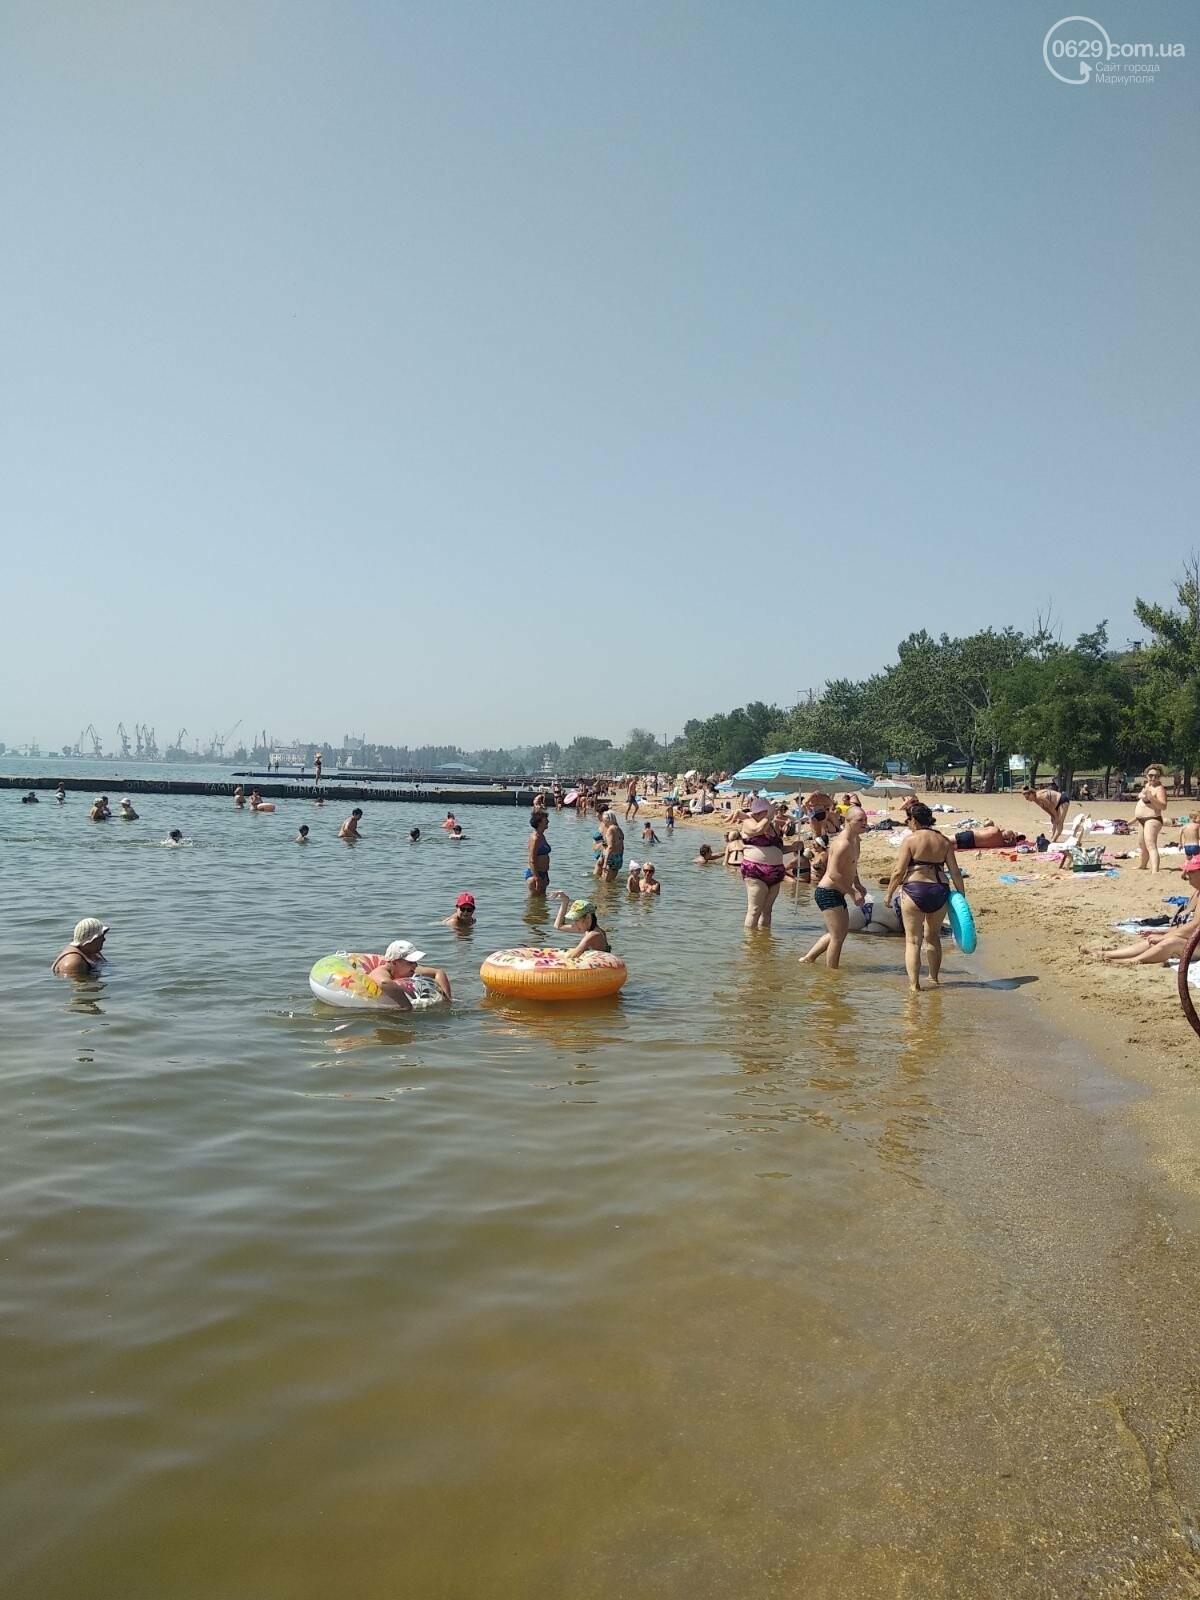 На пляжах Мариуполя – аншлаг. Большая часть отдыхающих – пьяные, - ФОТО, фото-1